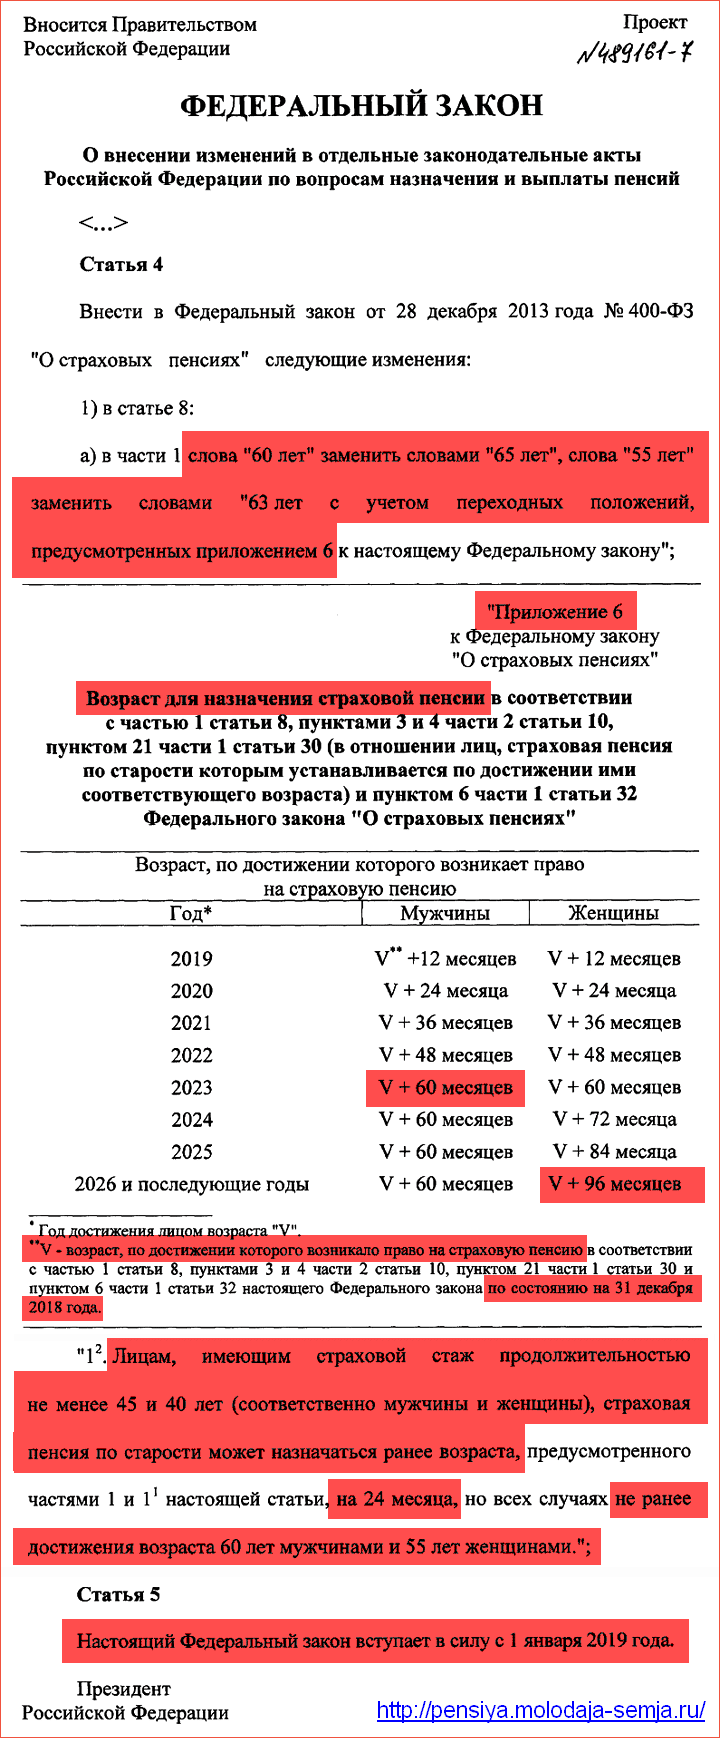 Новый закон о пенсионном возрасте в России в 2018 году